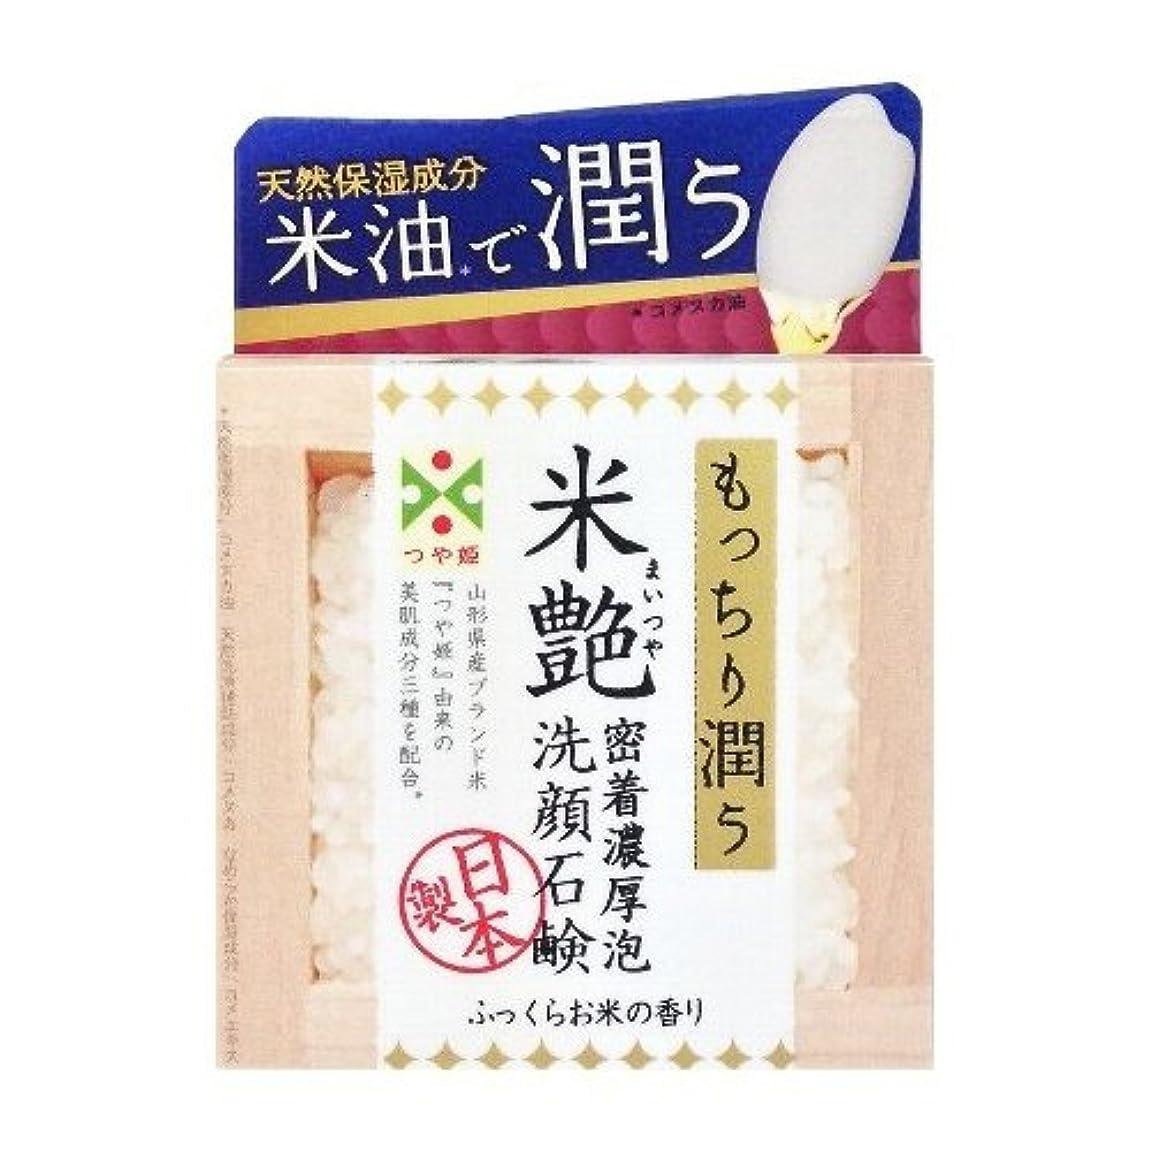 案件安全でない可決ペリカン石鹸 米艶洗顔石鹸 100g